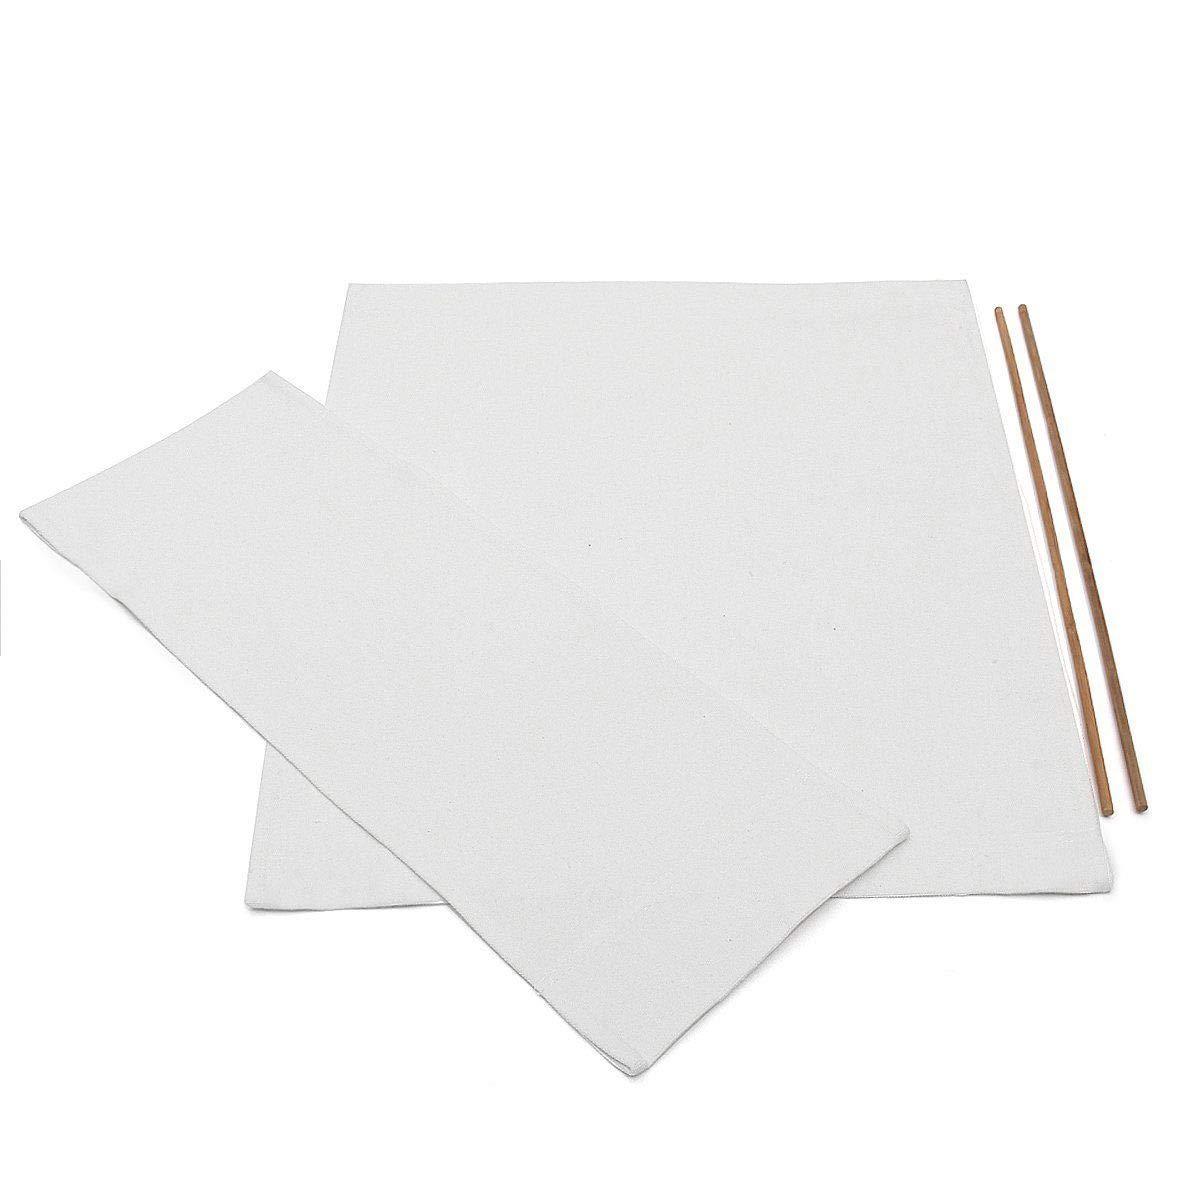 11 21 17 Cofemy Sedie durevoli Telo di Sostituzione delle coperture di sede Sedia Panno Protector Bianco,21